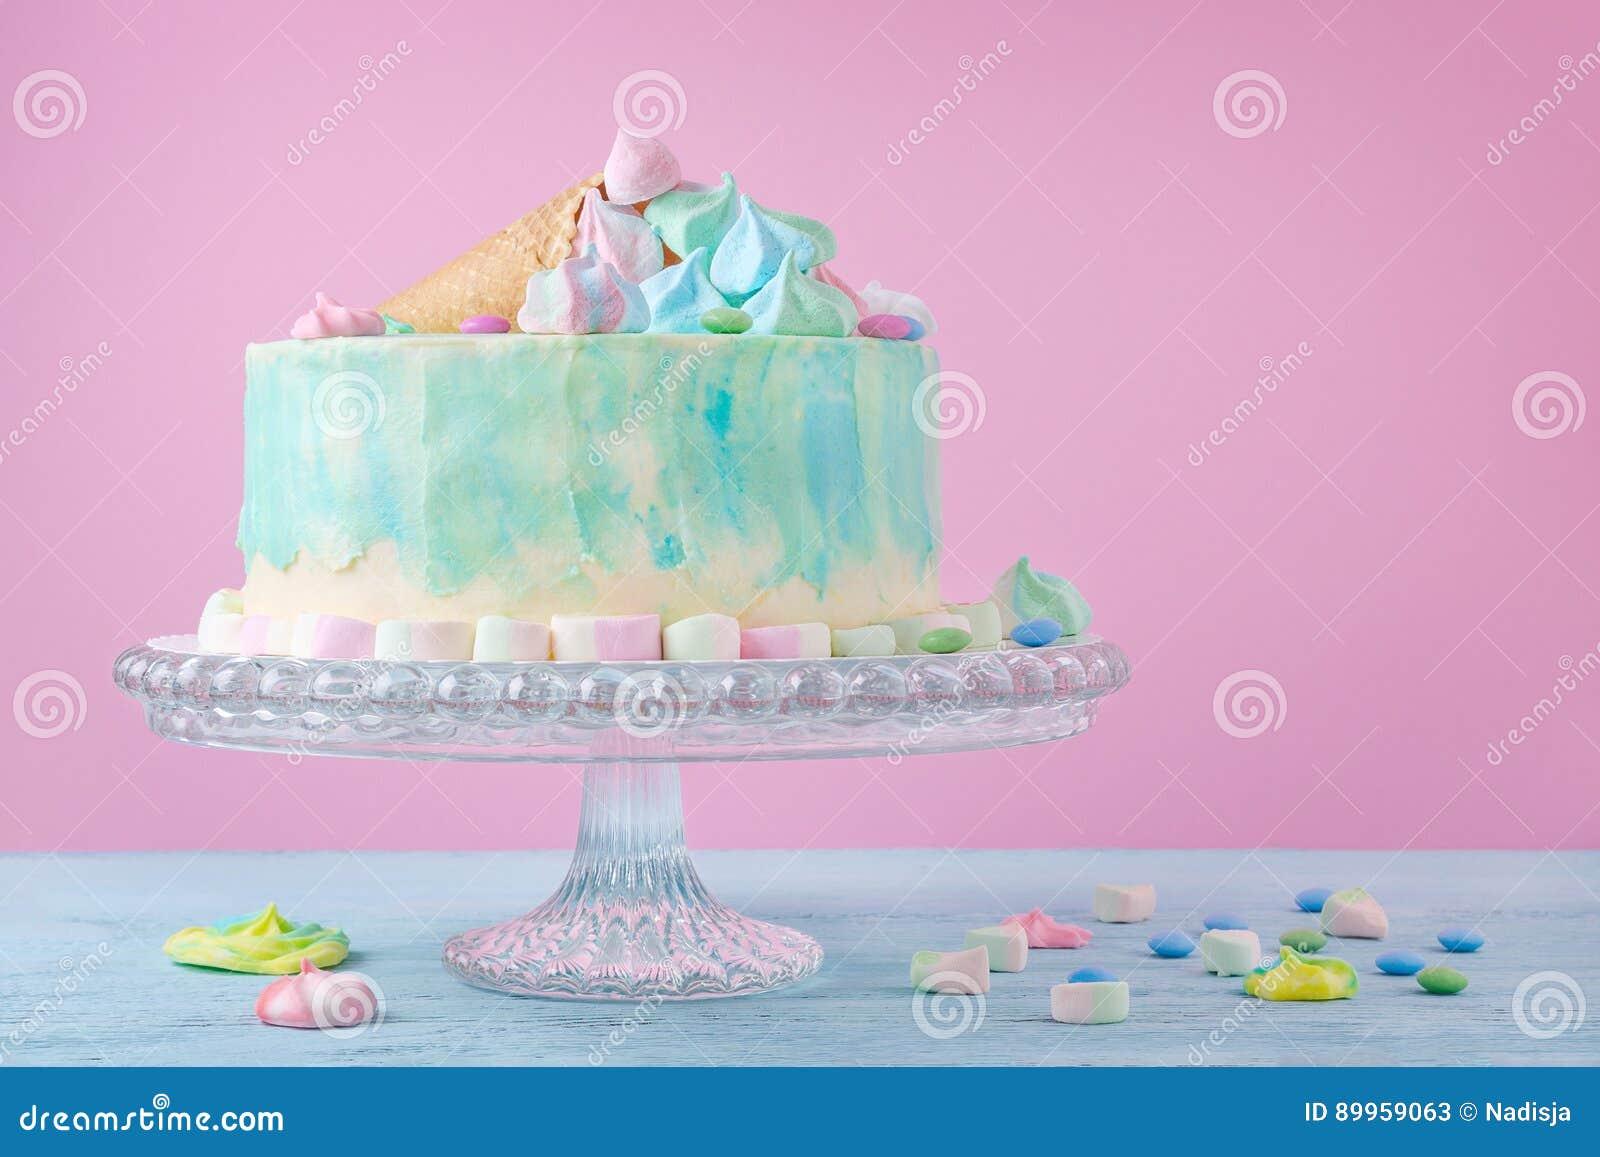 Torta de cumpleaños en colores en colores pastel, melcocha y caramelos en el fondo rosado, foco selectivo